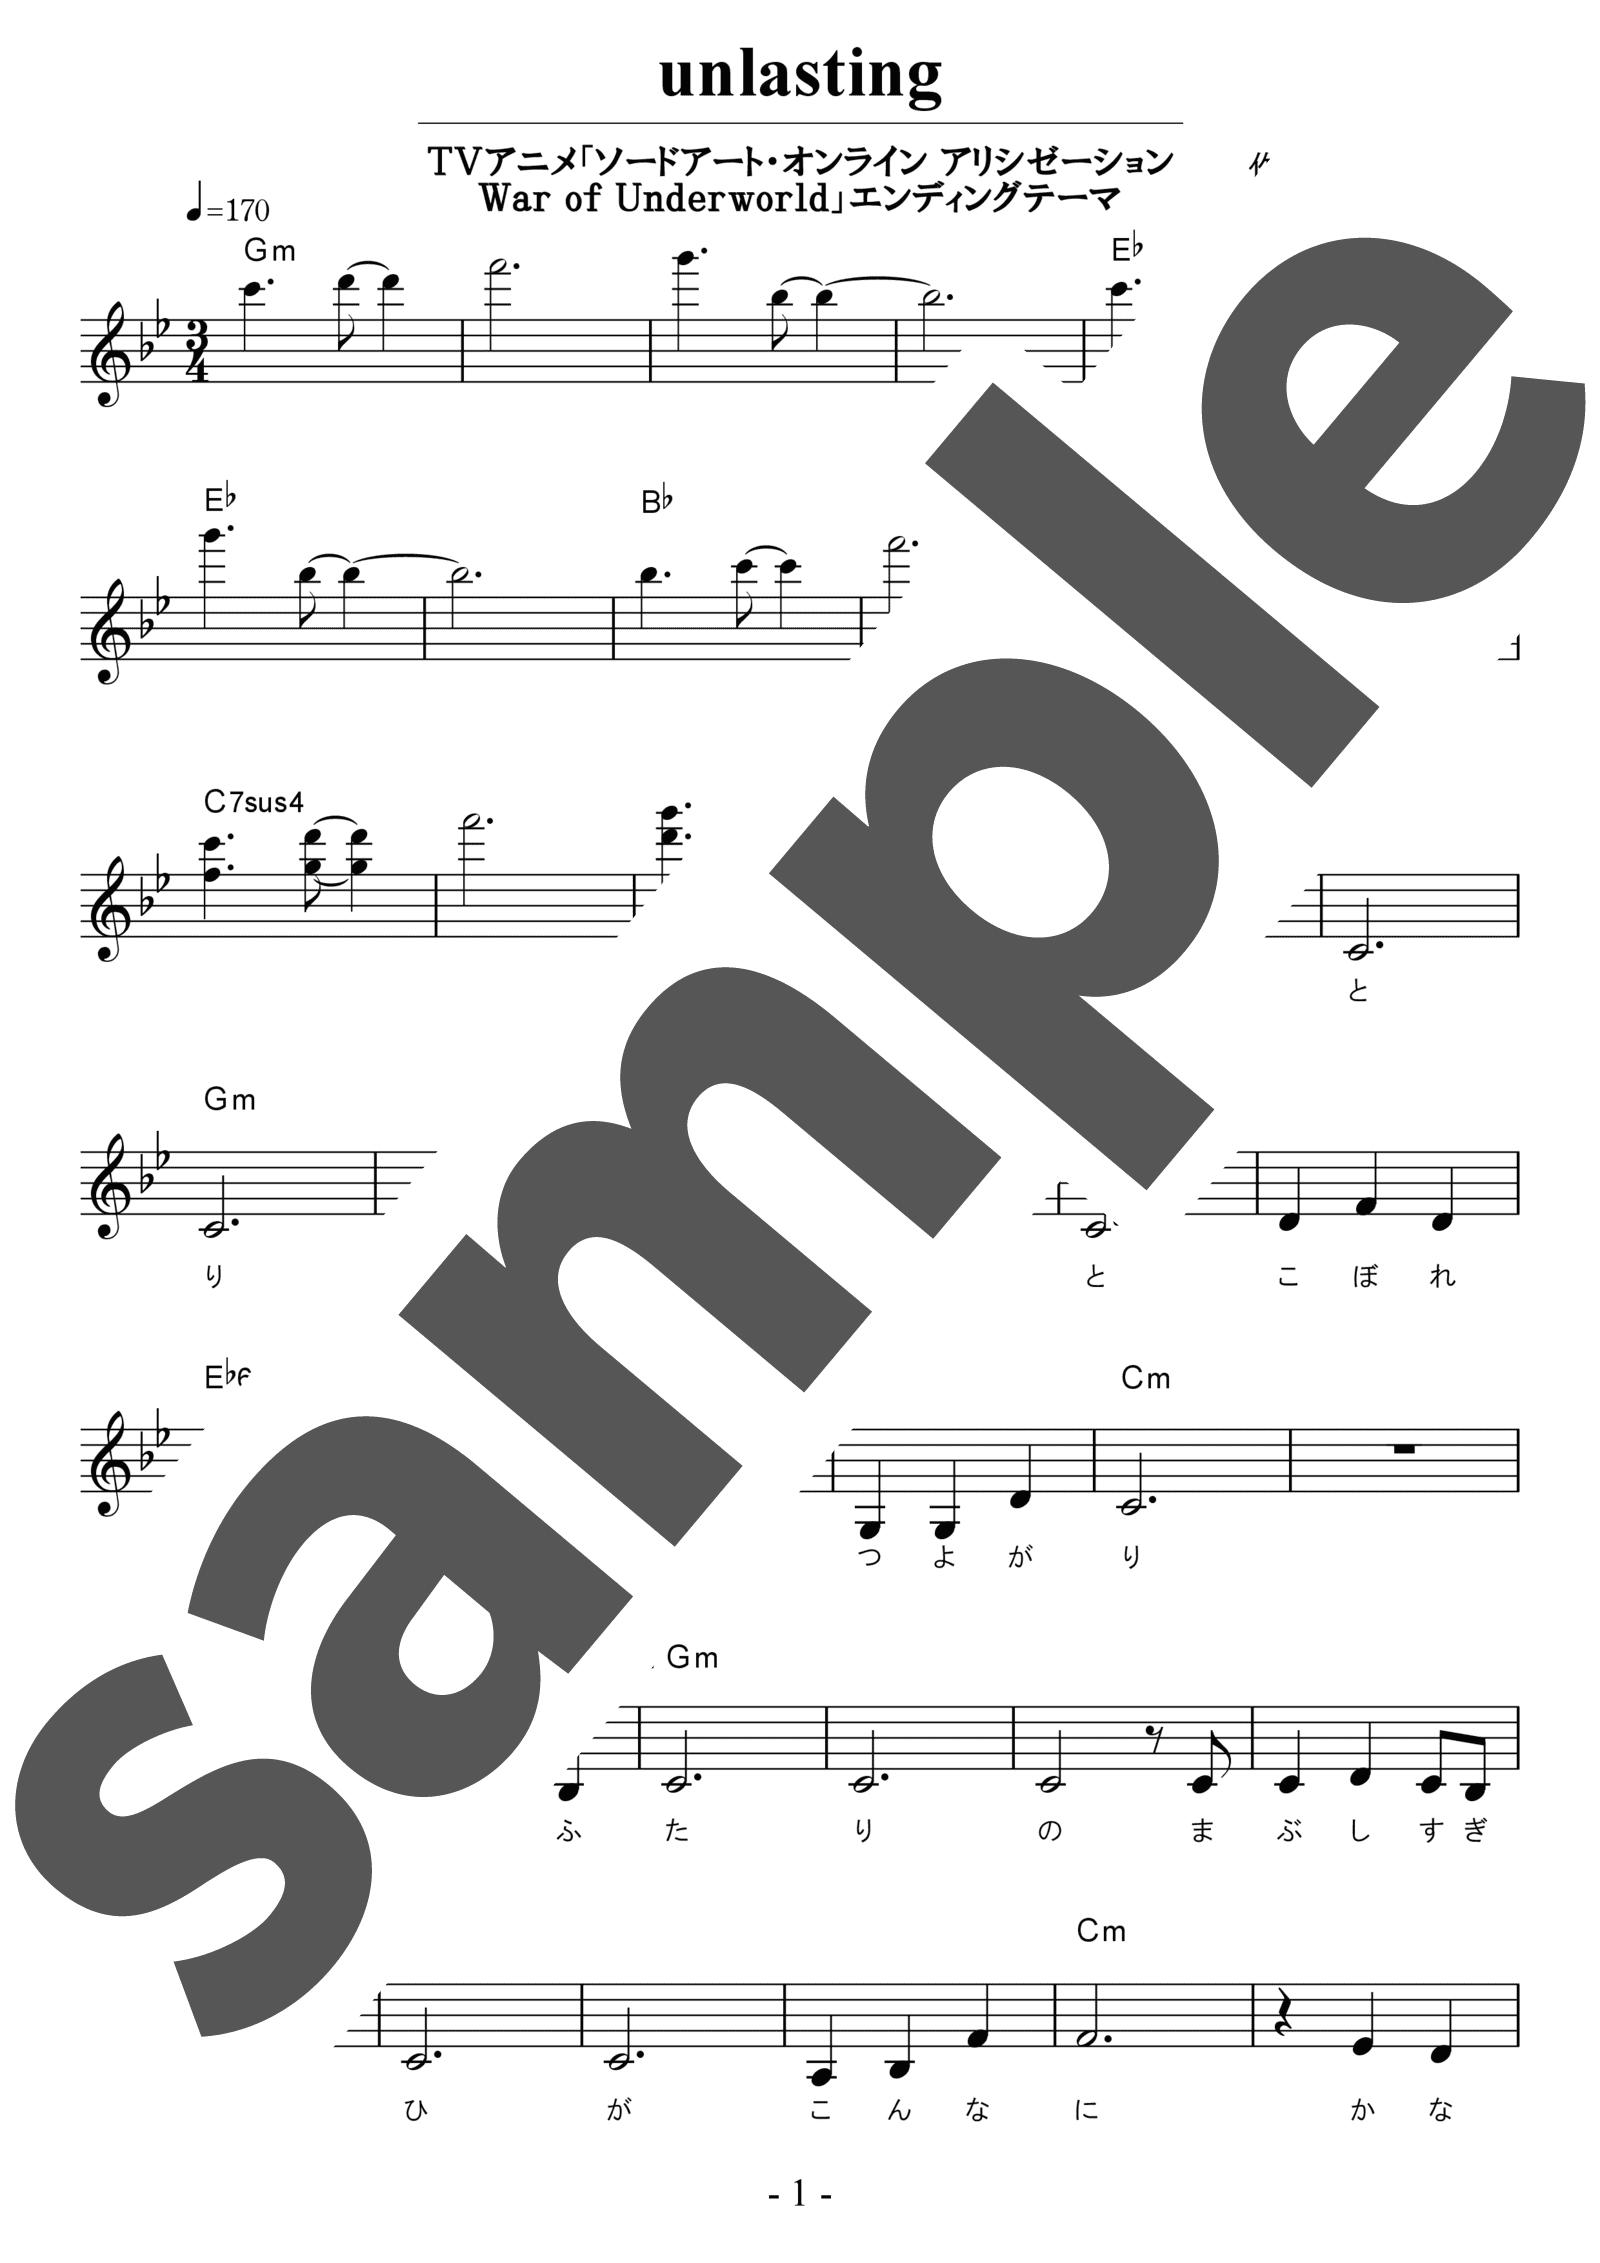 「unlasting」のサンプル楽譜